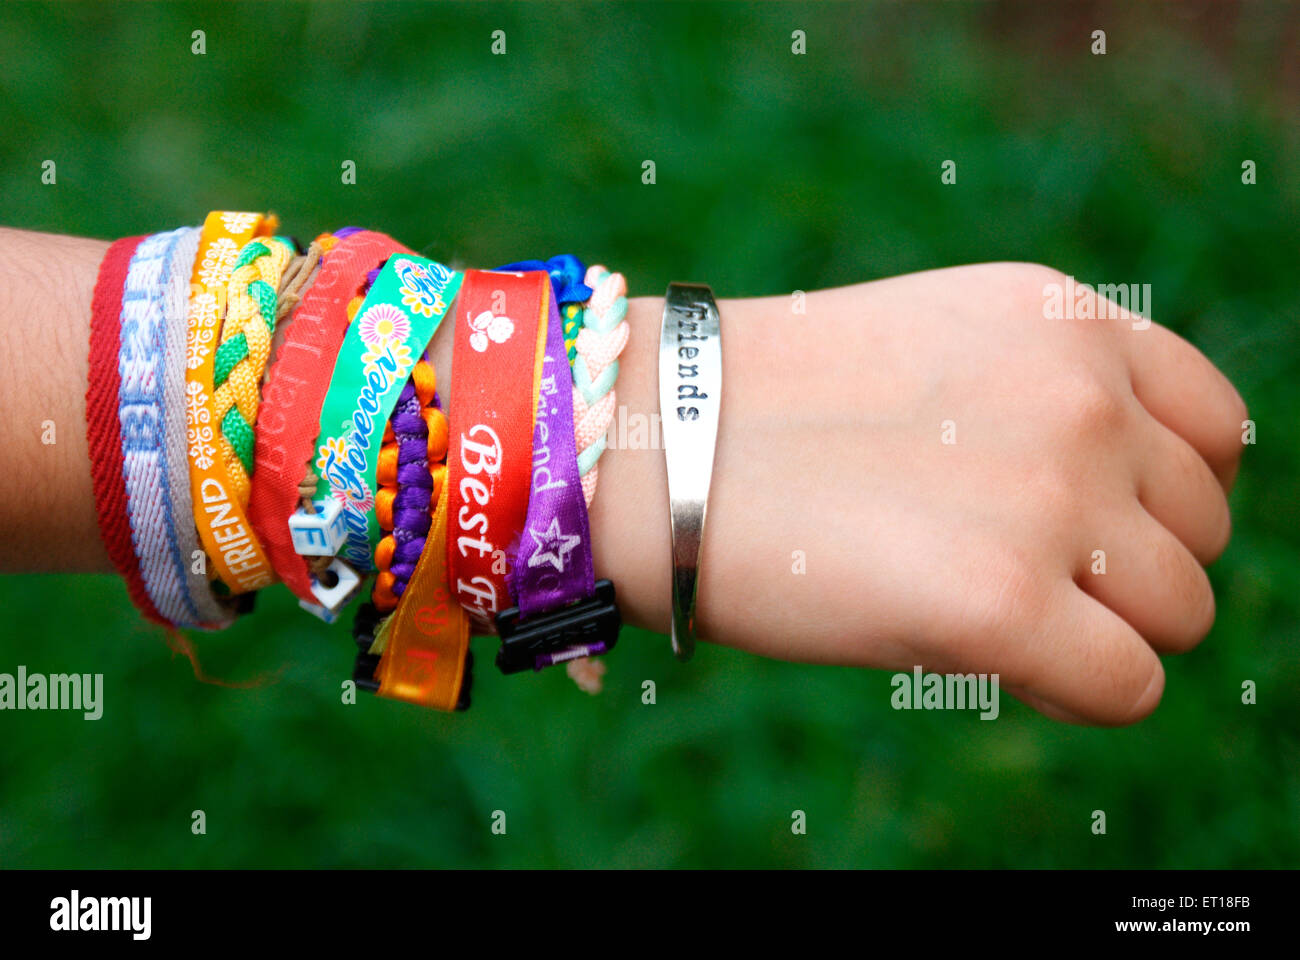 Las bandas de la amistad pulseras atadas a mano fondo verde - MR#364 - Imagen De Stock